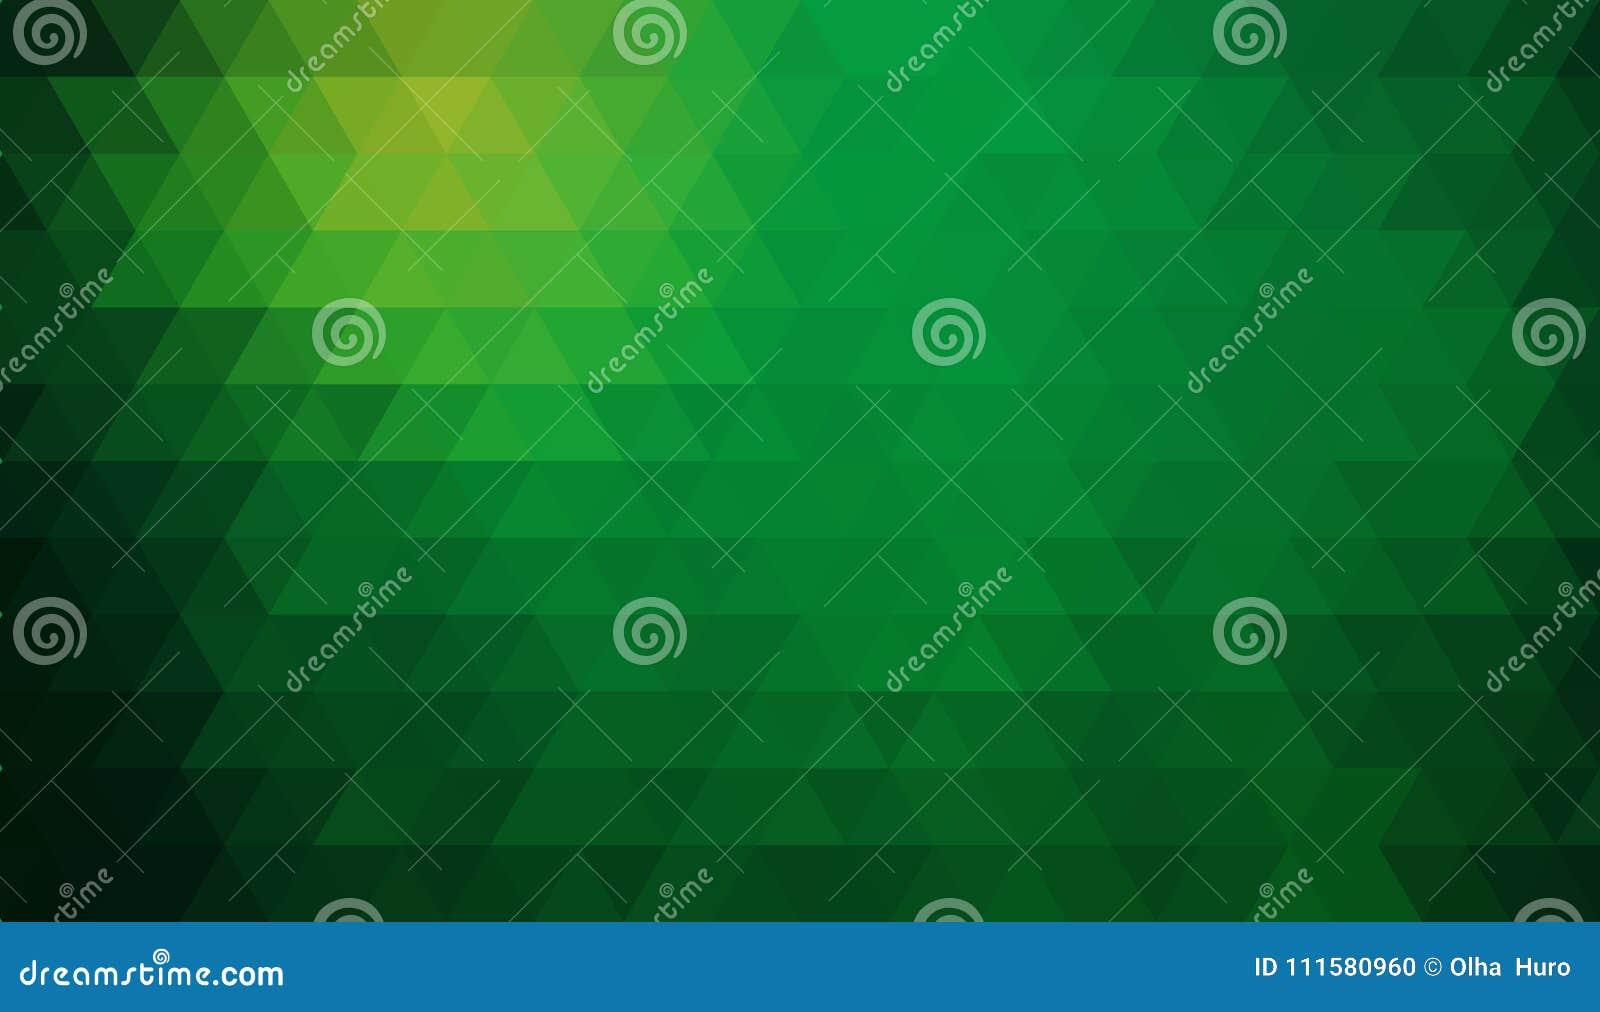 Veelkleurige groene, gele, oranje veelhoekige illustratie, wat uit driehoeken bestaan Driehoekig ontwerp voor uw zaken